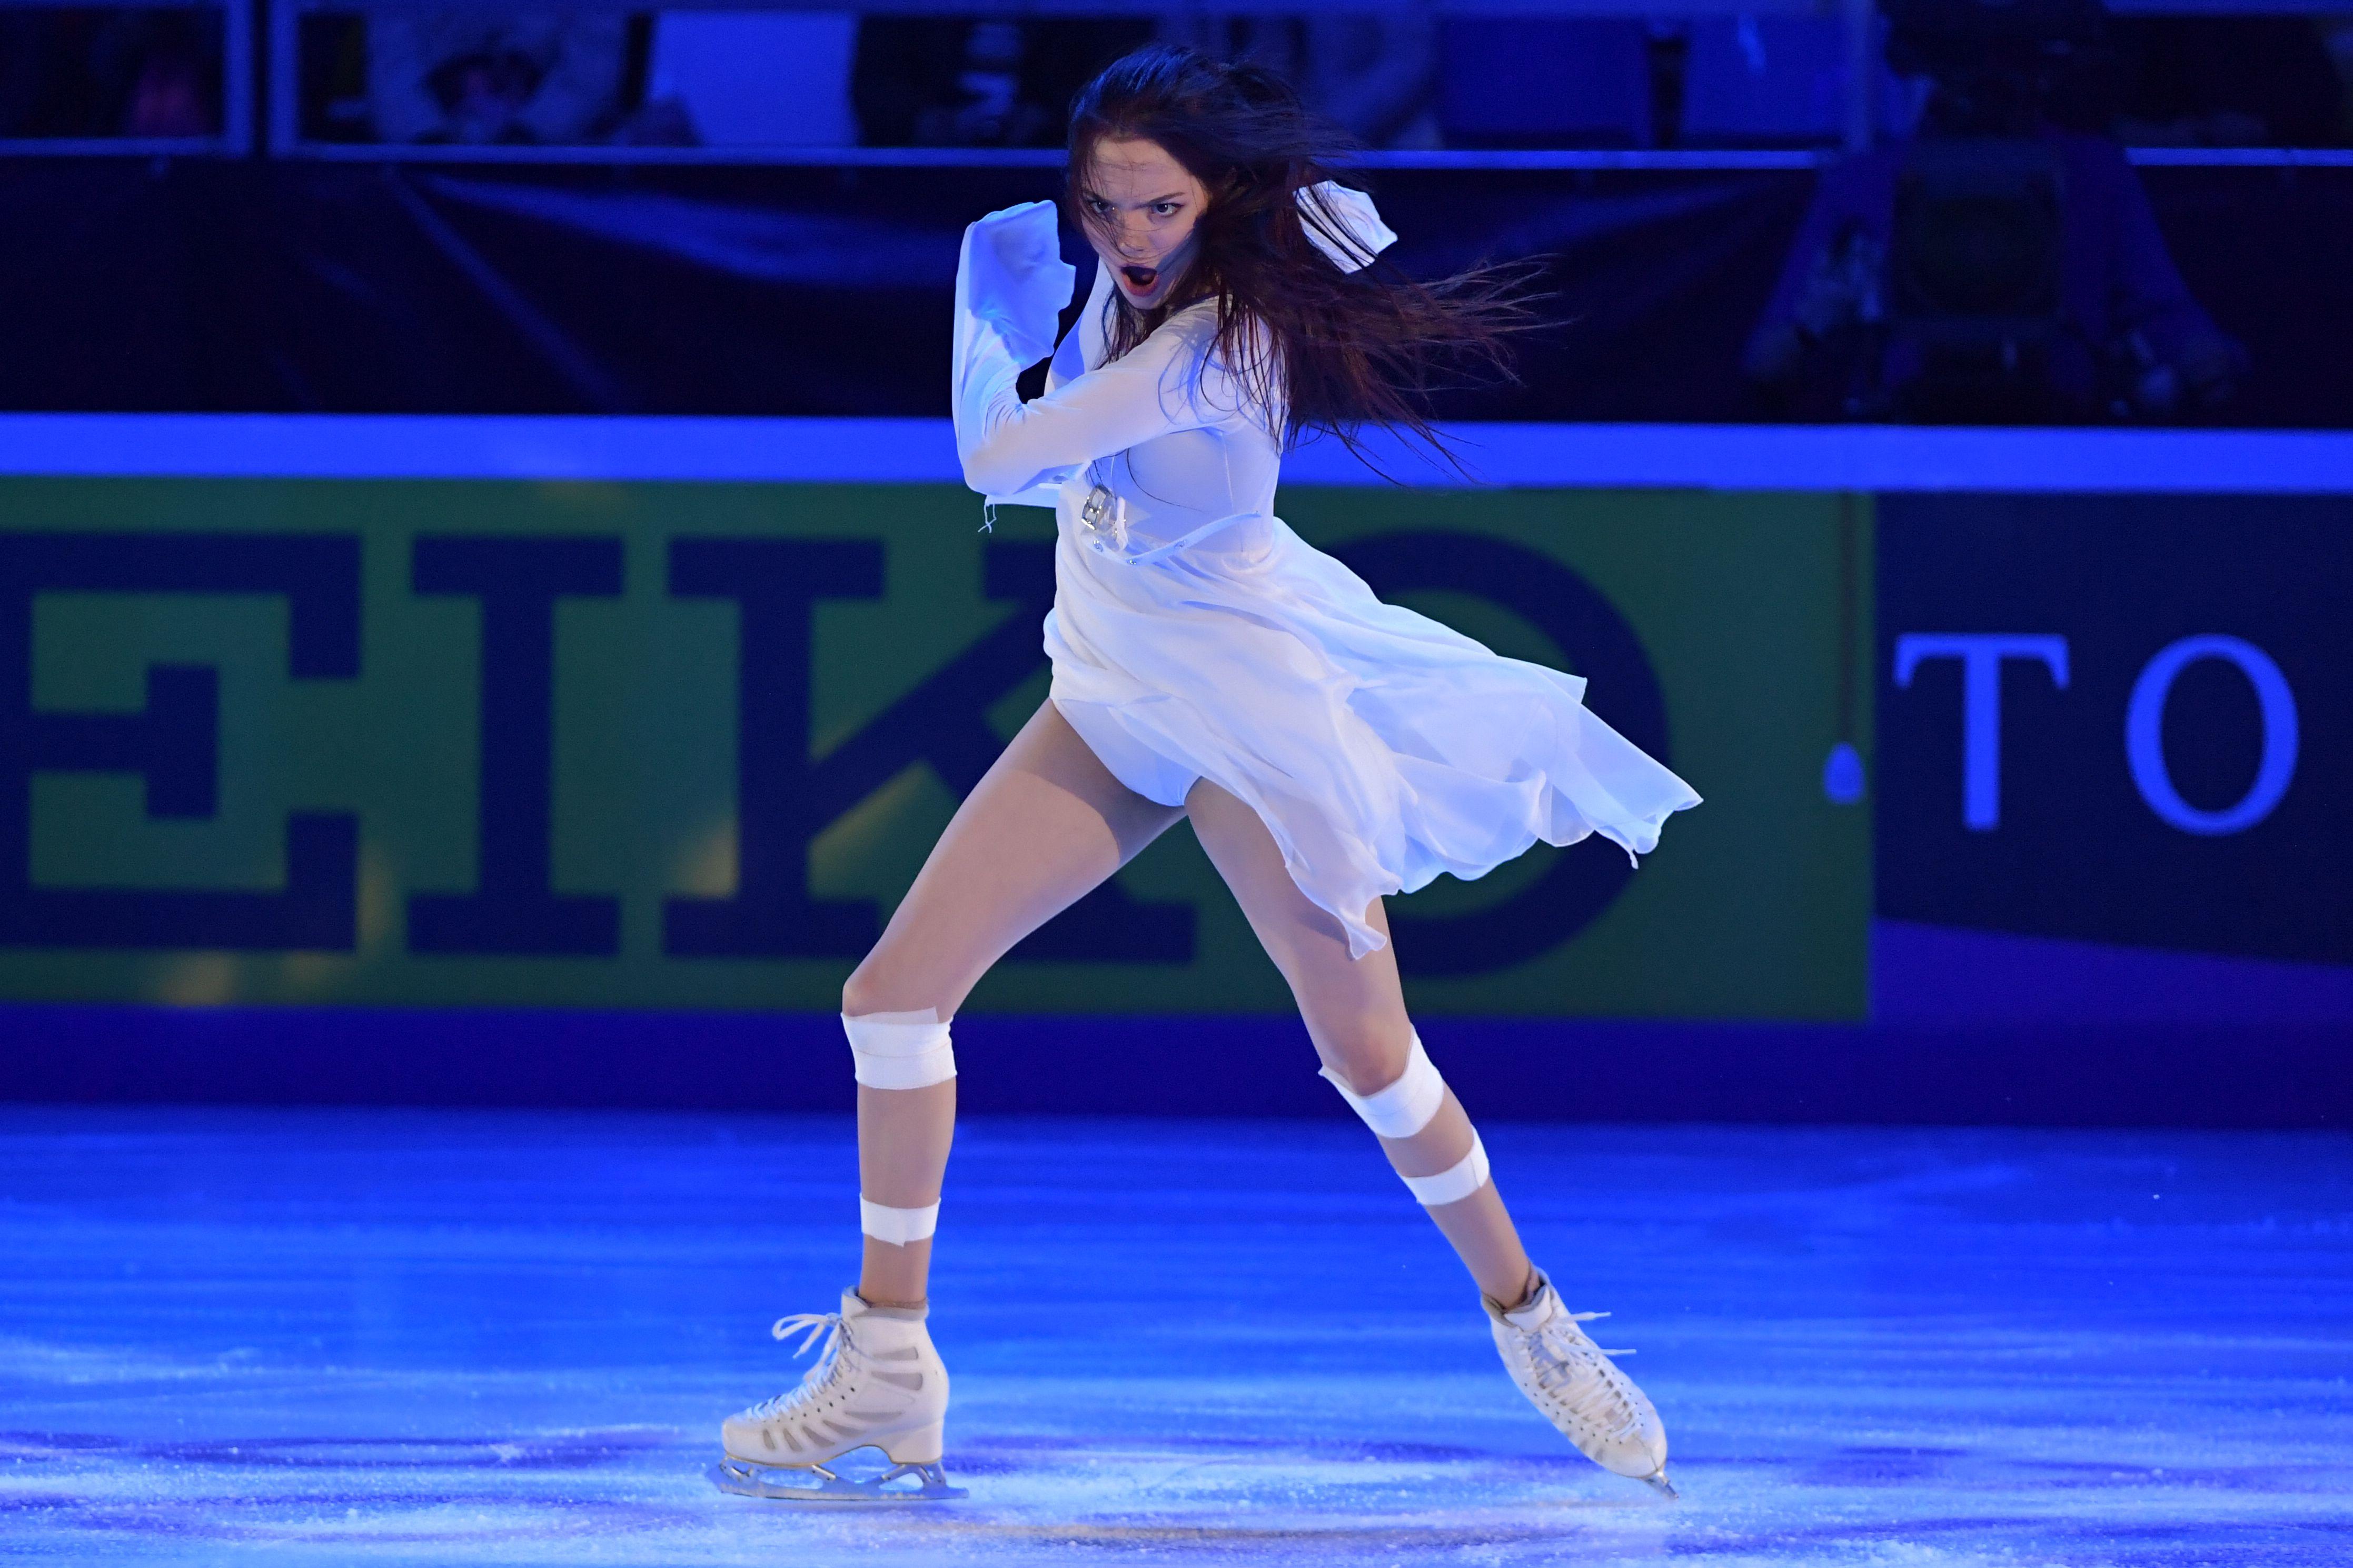 Медведева рассказала, что в детстве просила у Деда Мороза